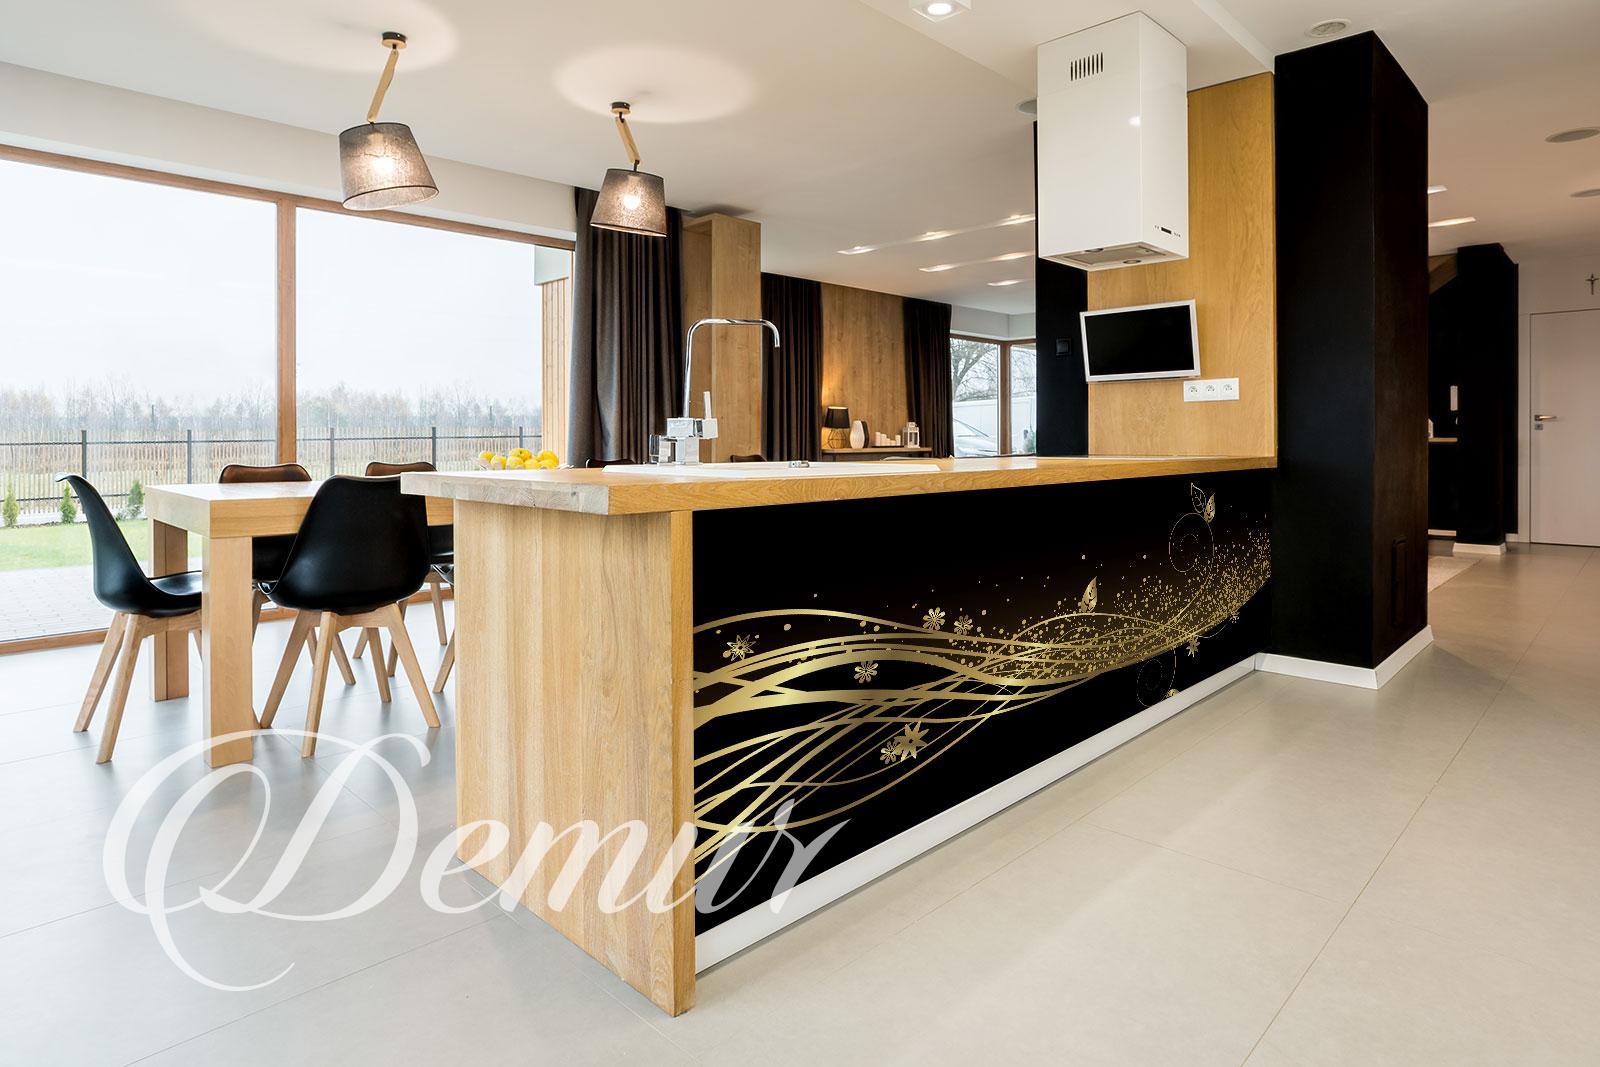 Fototapeta kwiatowy wzór czarno złoty - Fototapety panoramiczne do kuchni - Demur